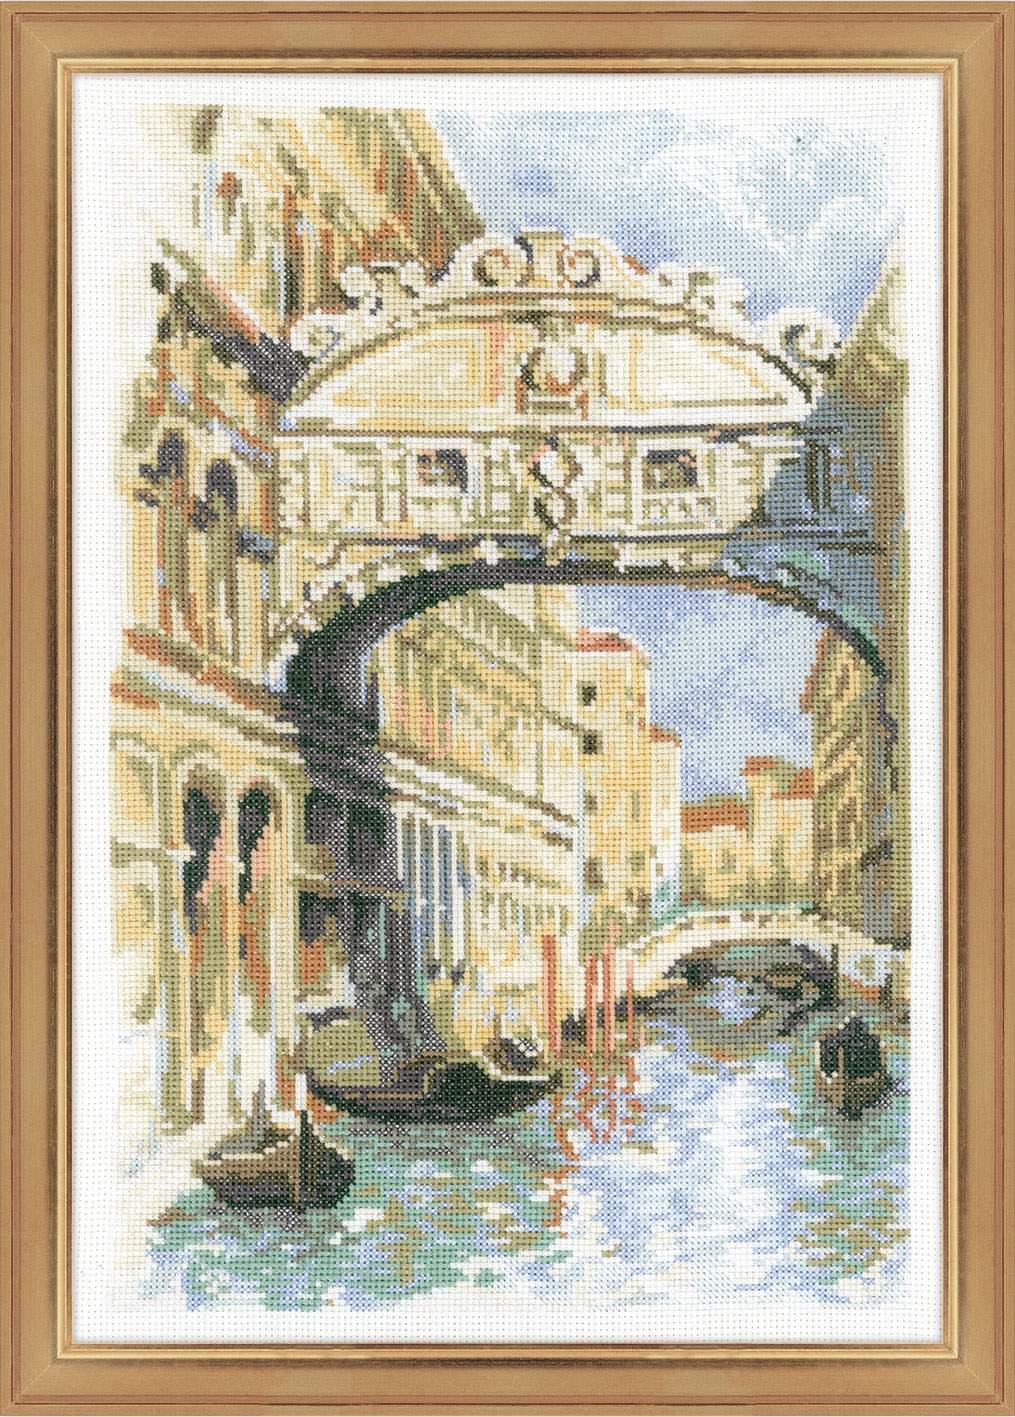 вышивка венеция мост вздохов